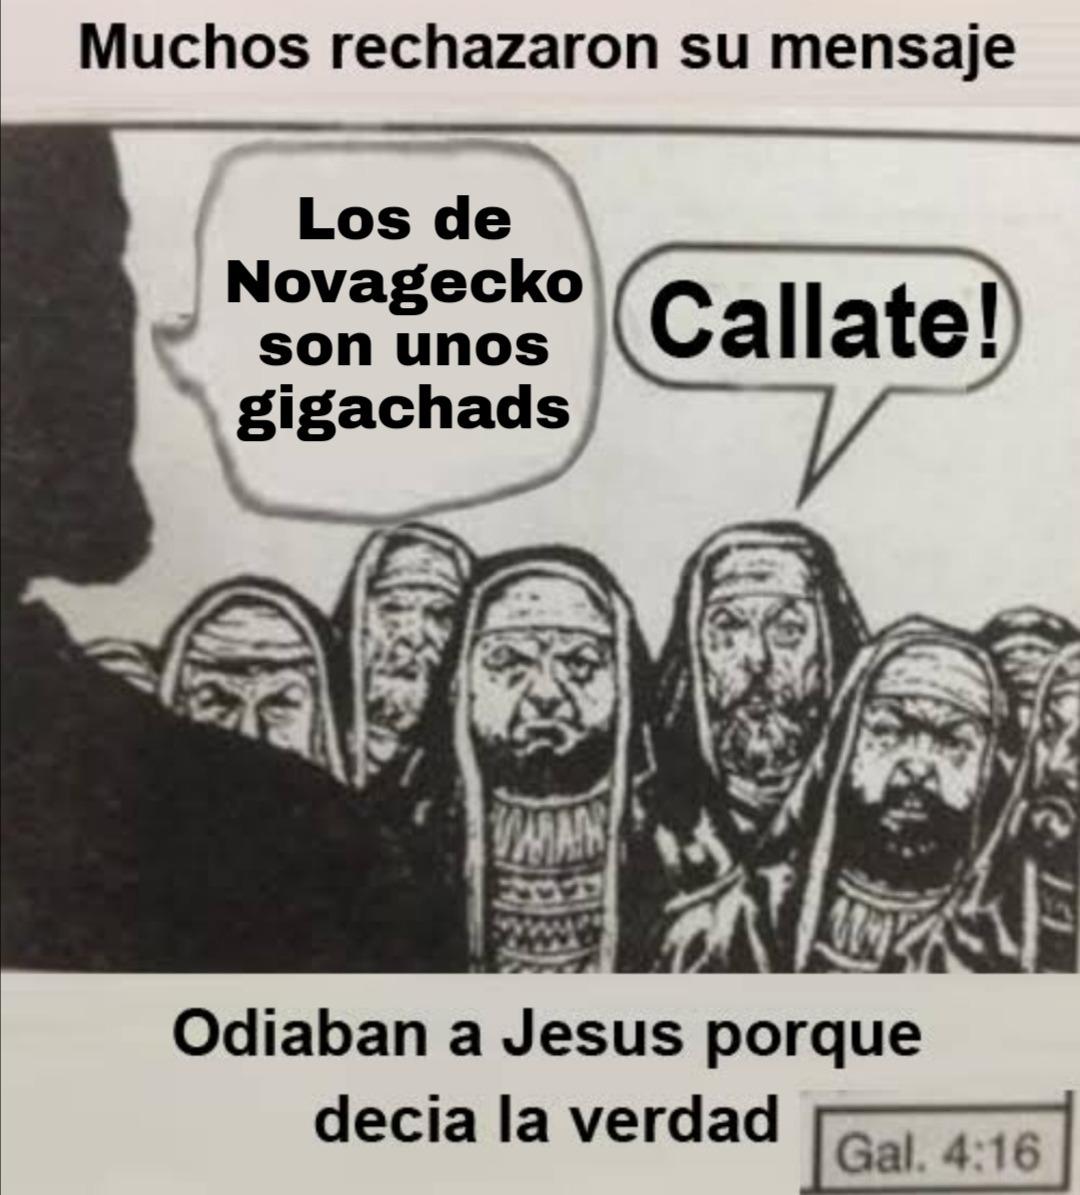 NoCHADgecko - meme